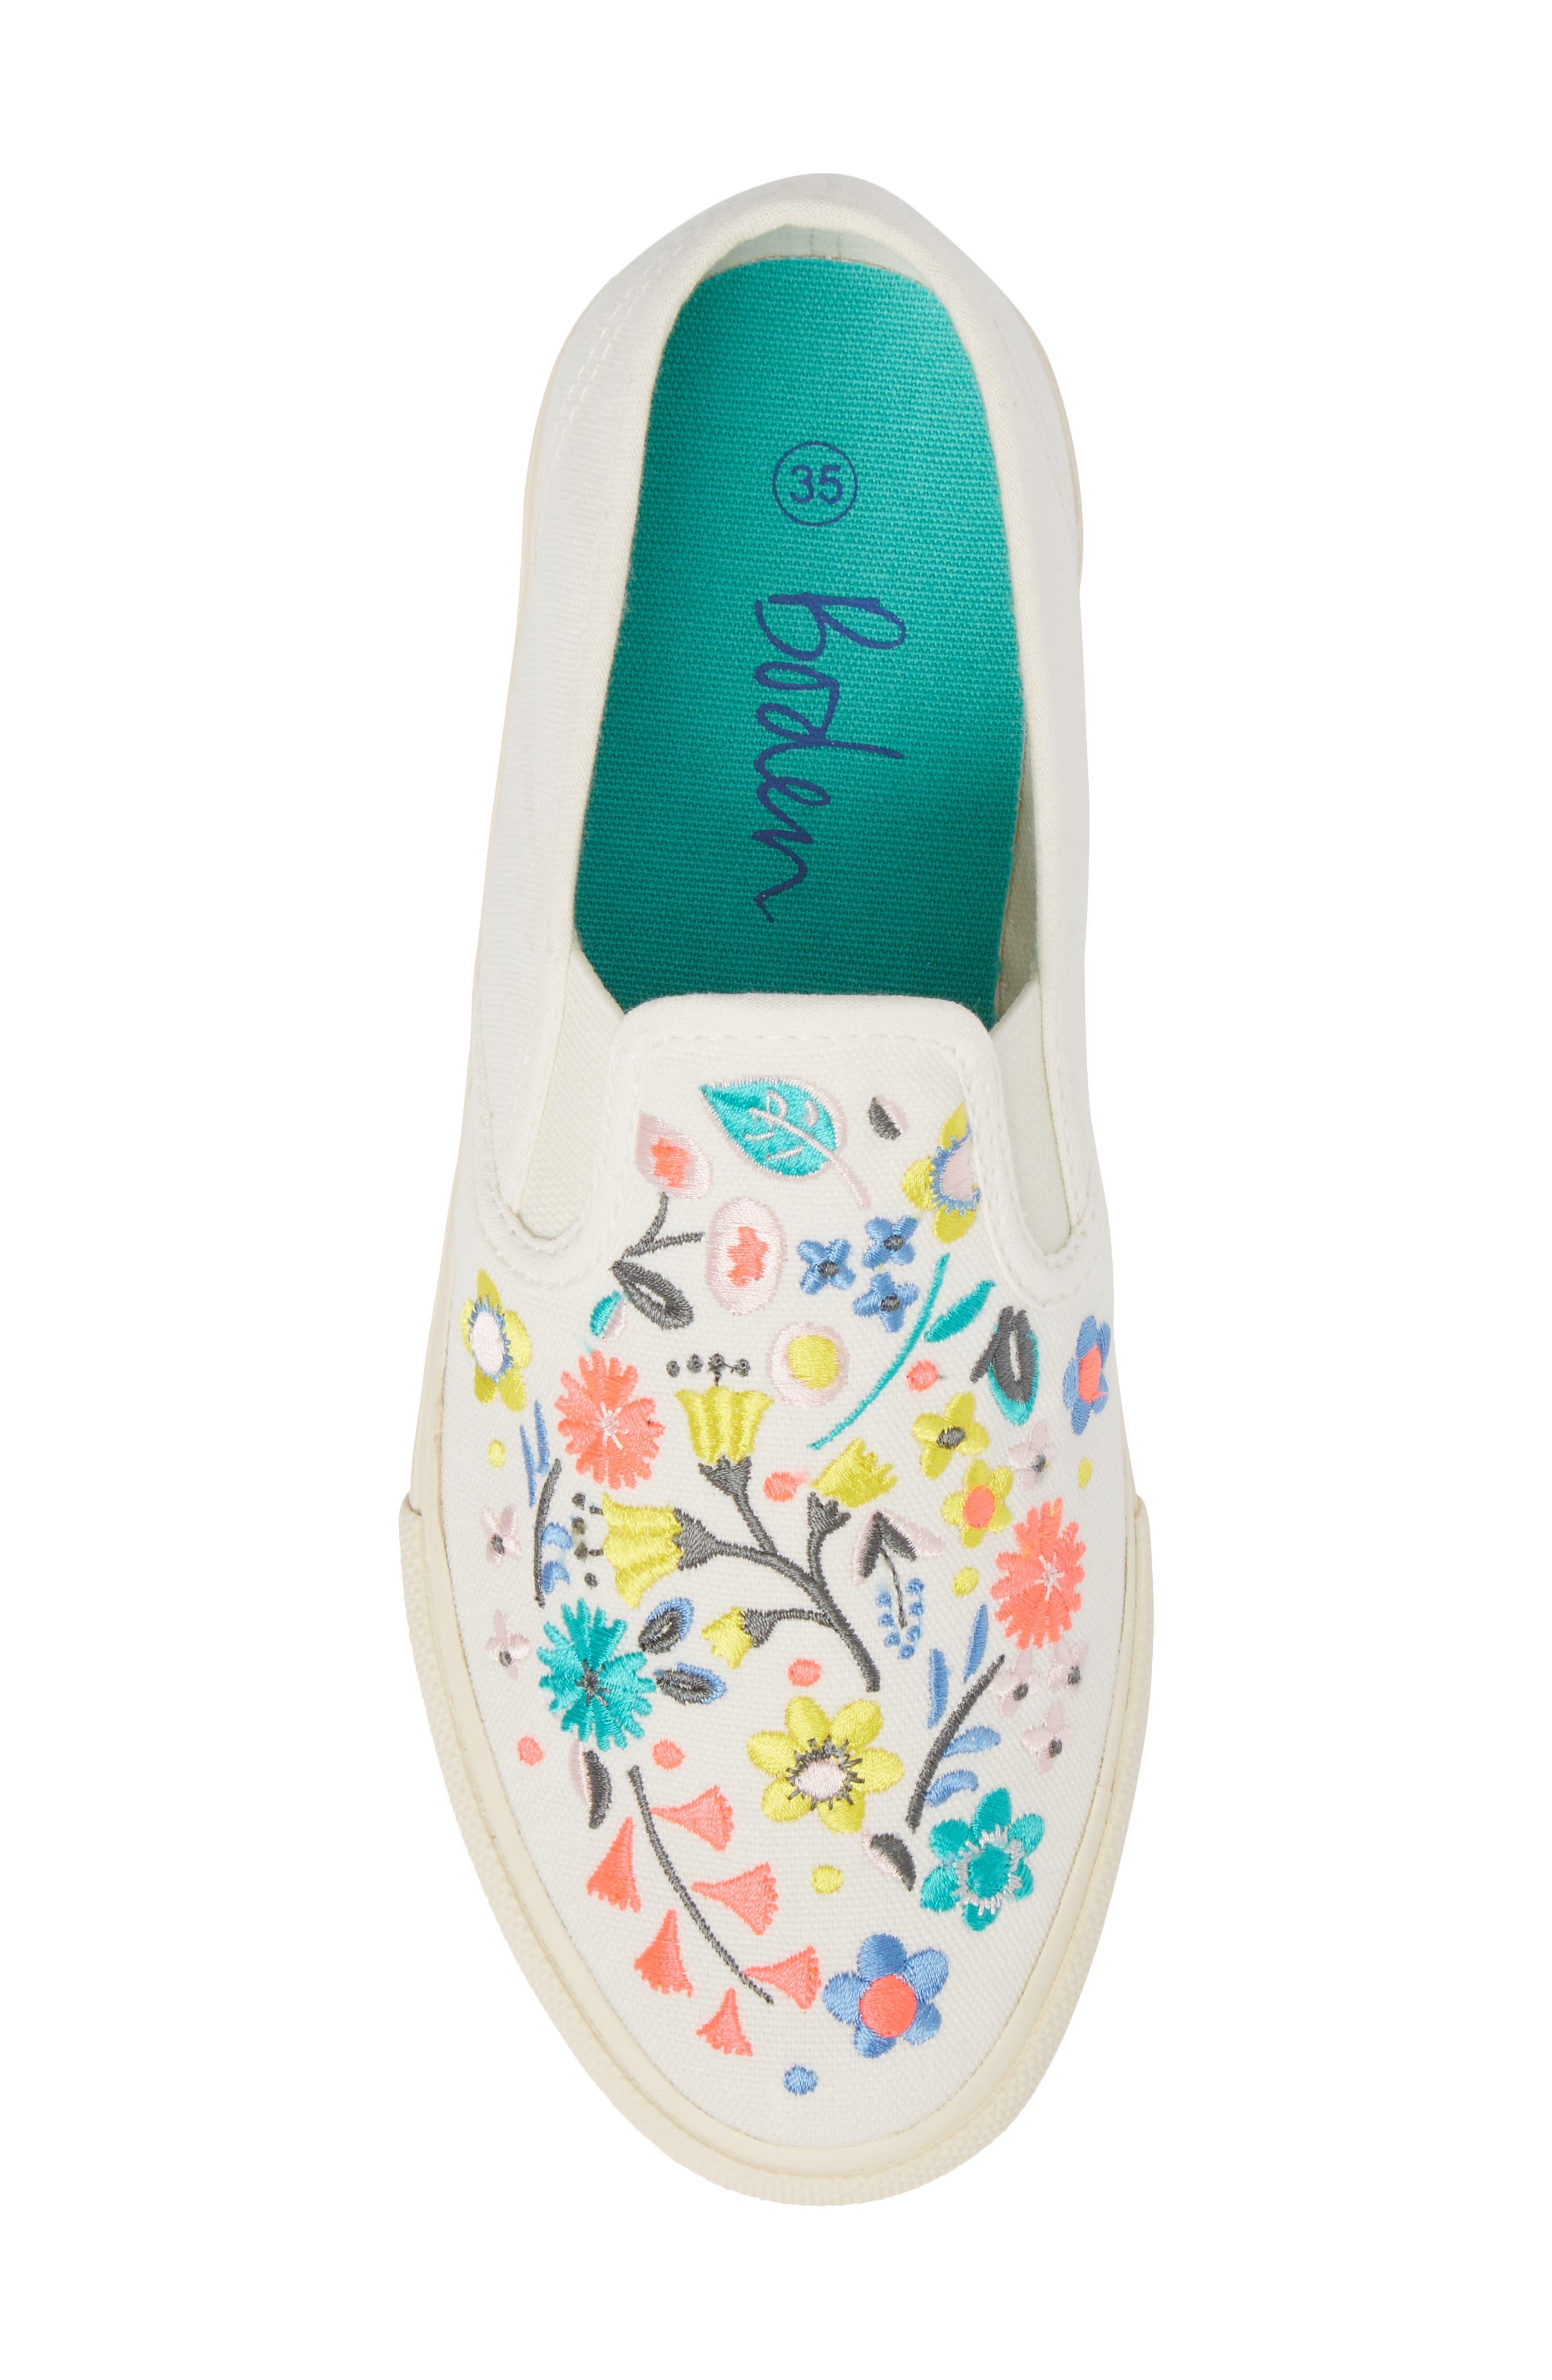 Boden Embroidered Slip-On Sneaker,                             Alternate thumbnail 5, color,                             Ecru